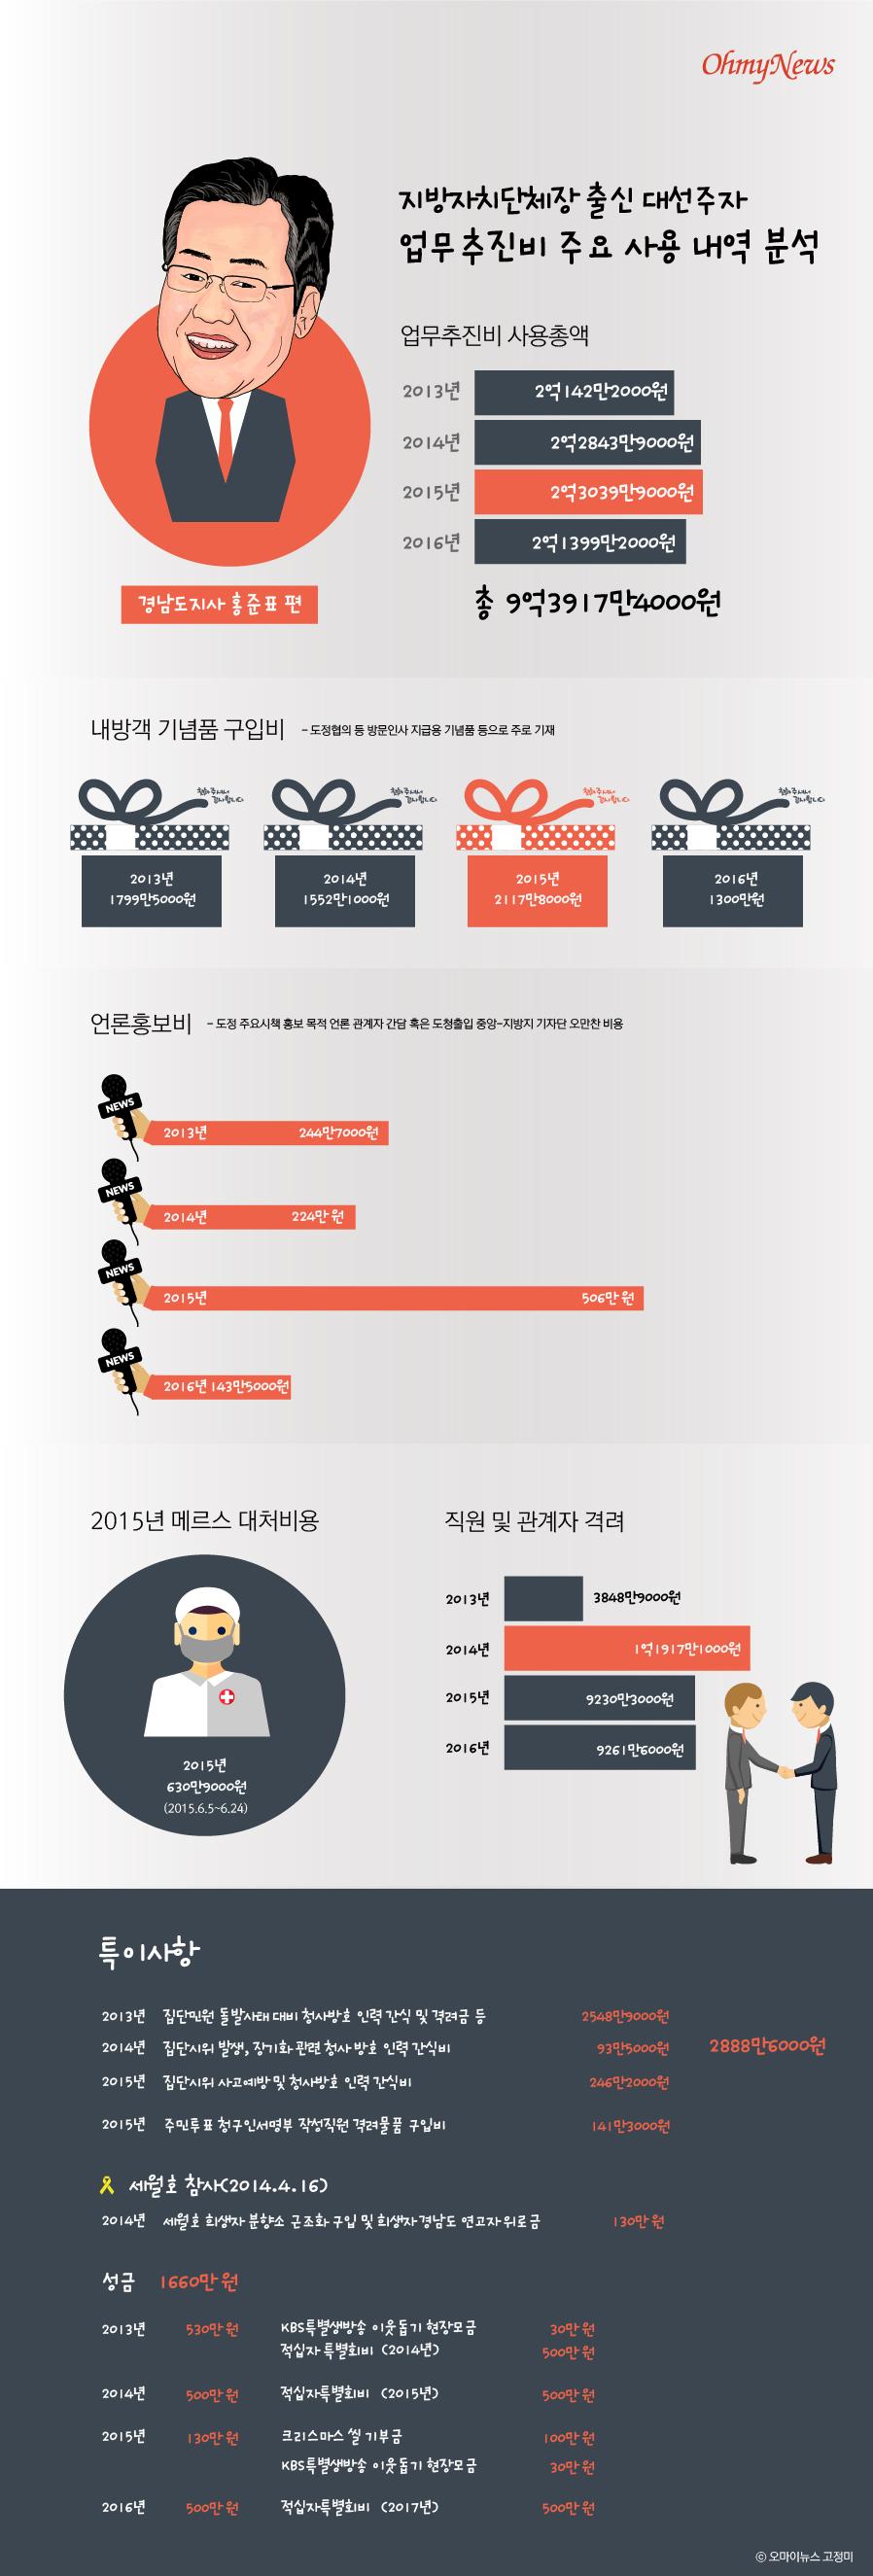 지방자치단체장 출신 대선주자 업무추진비 주요 사용 내역 분석 : 경남도지사 홍준표편